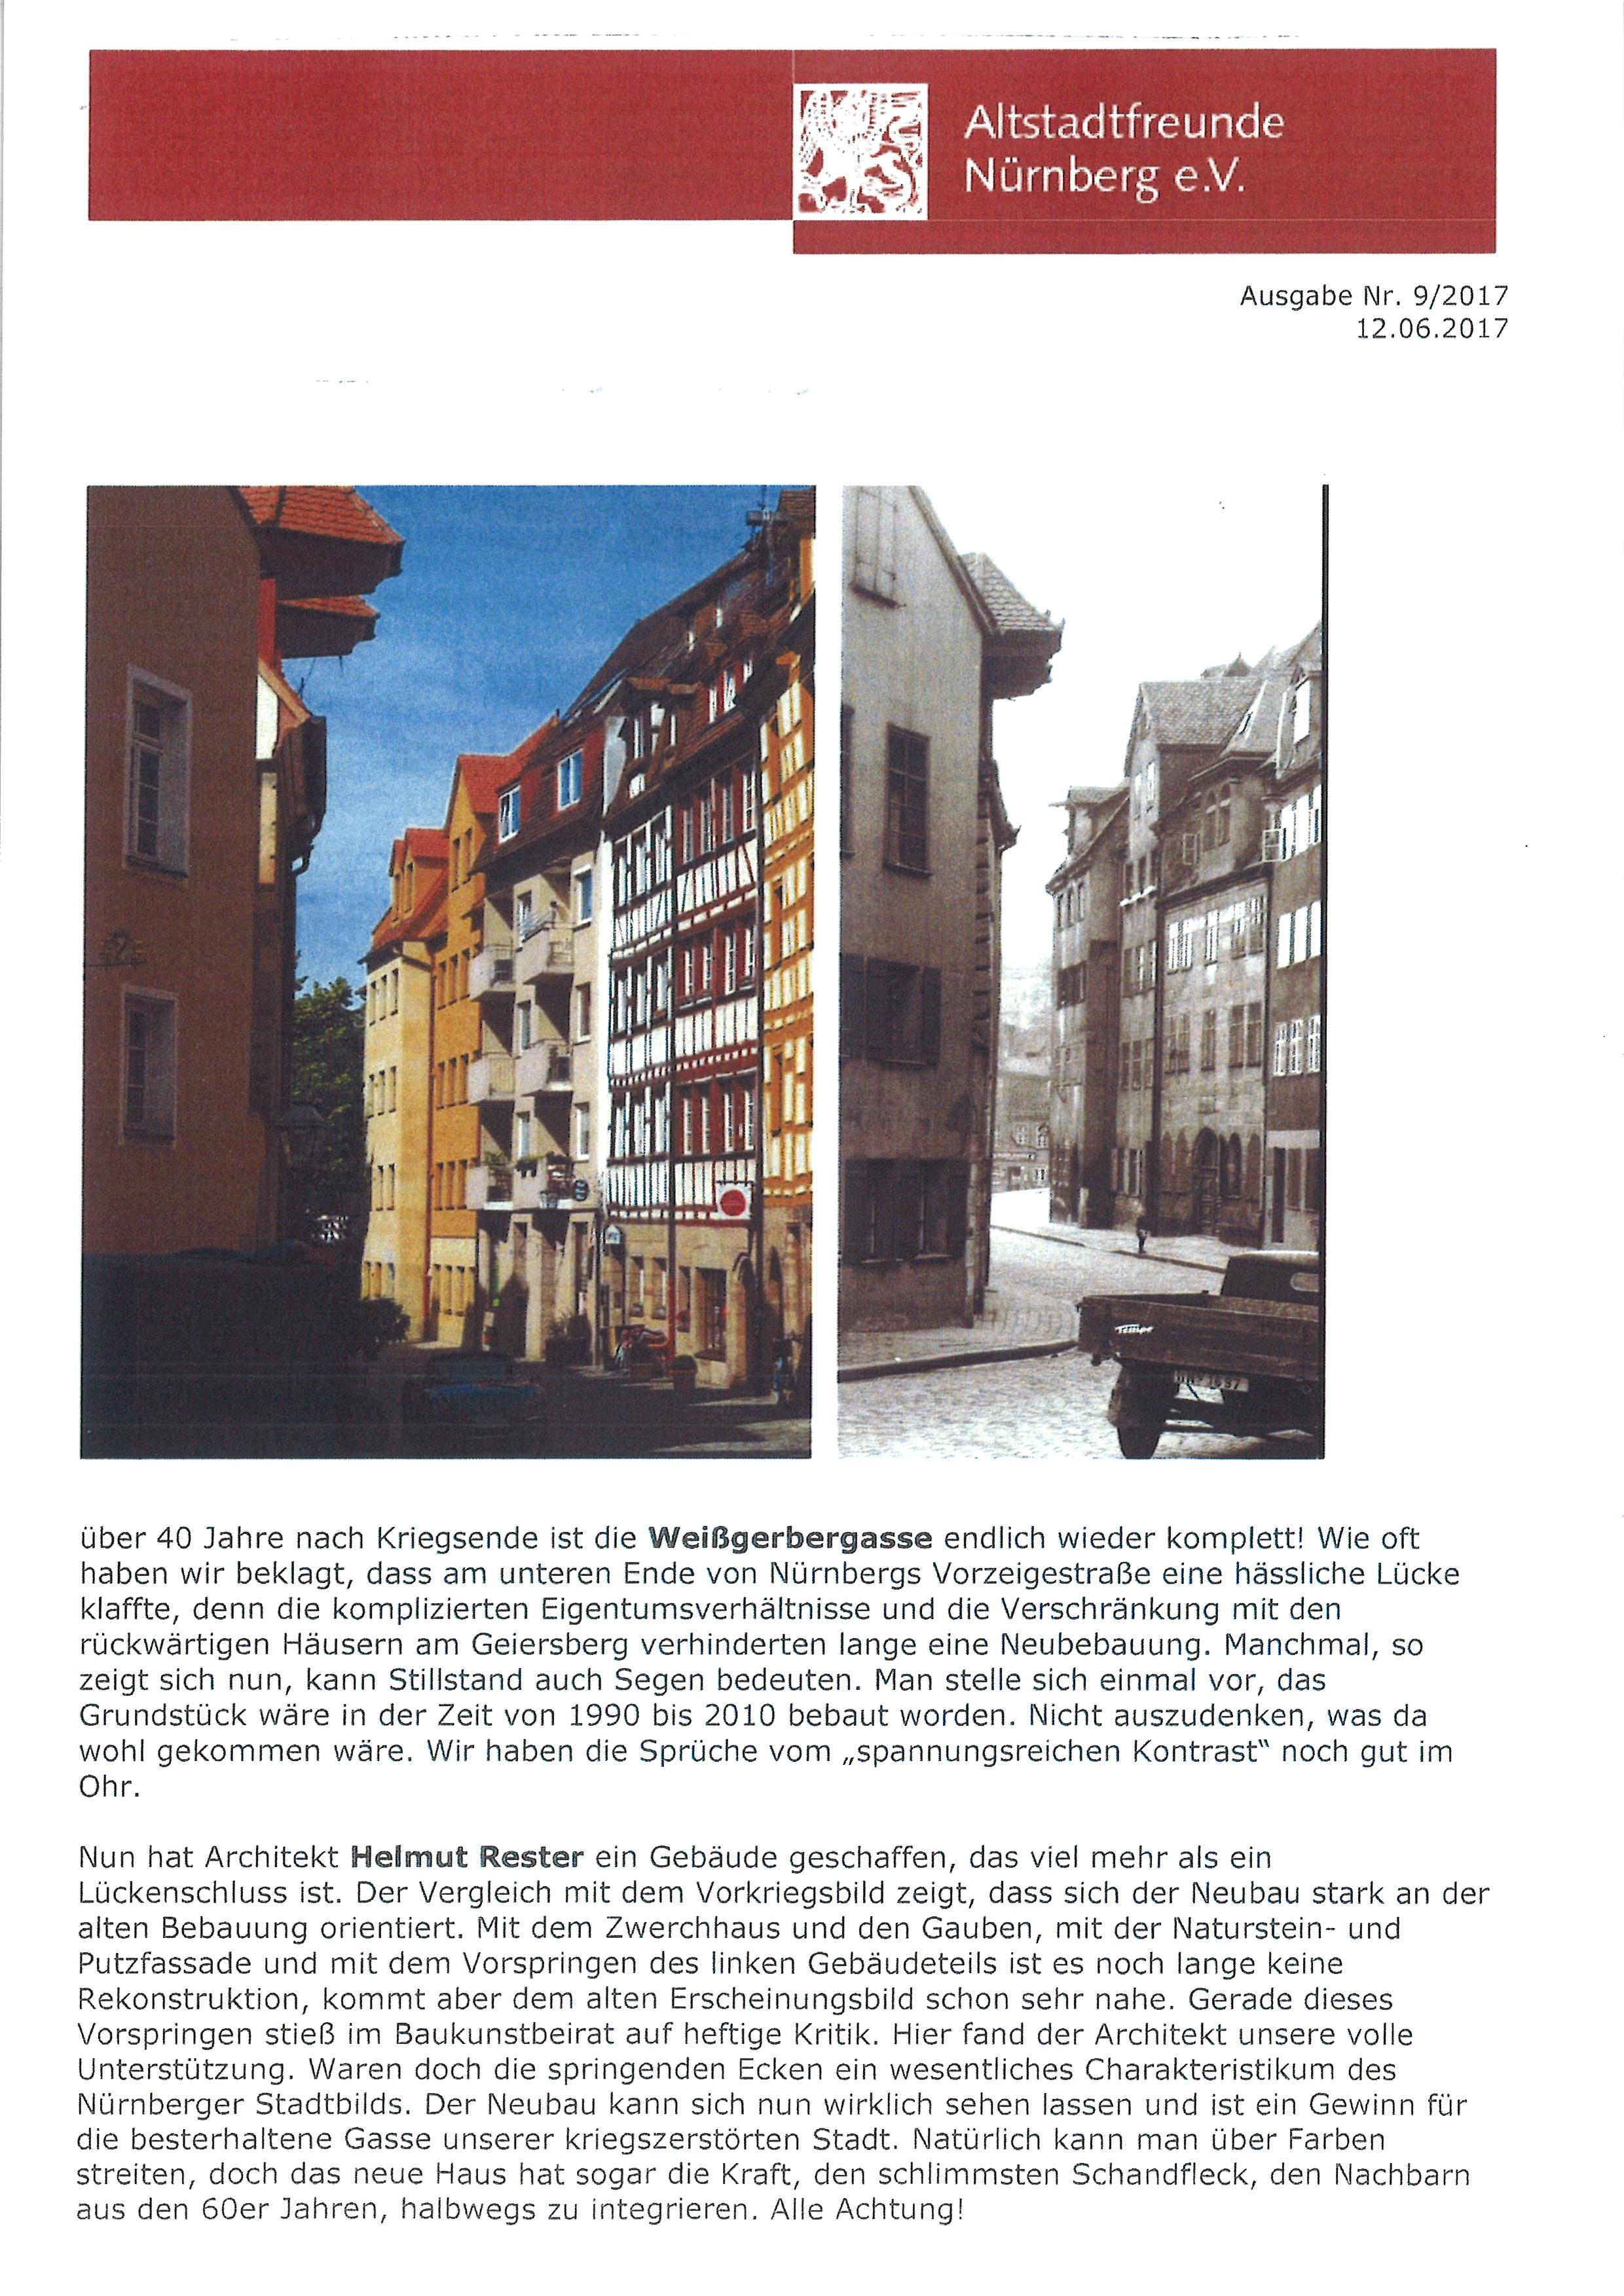 Altstadtfreunde Nürnberg e.V.